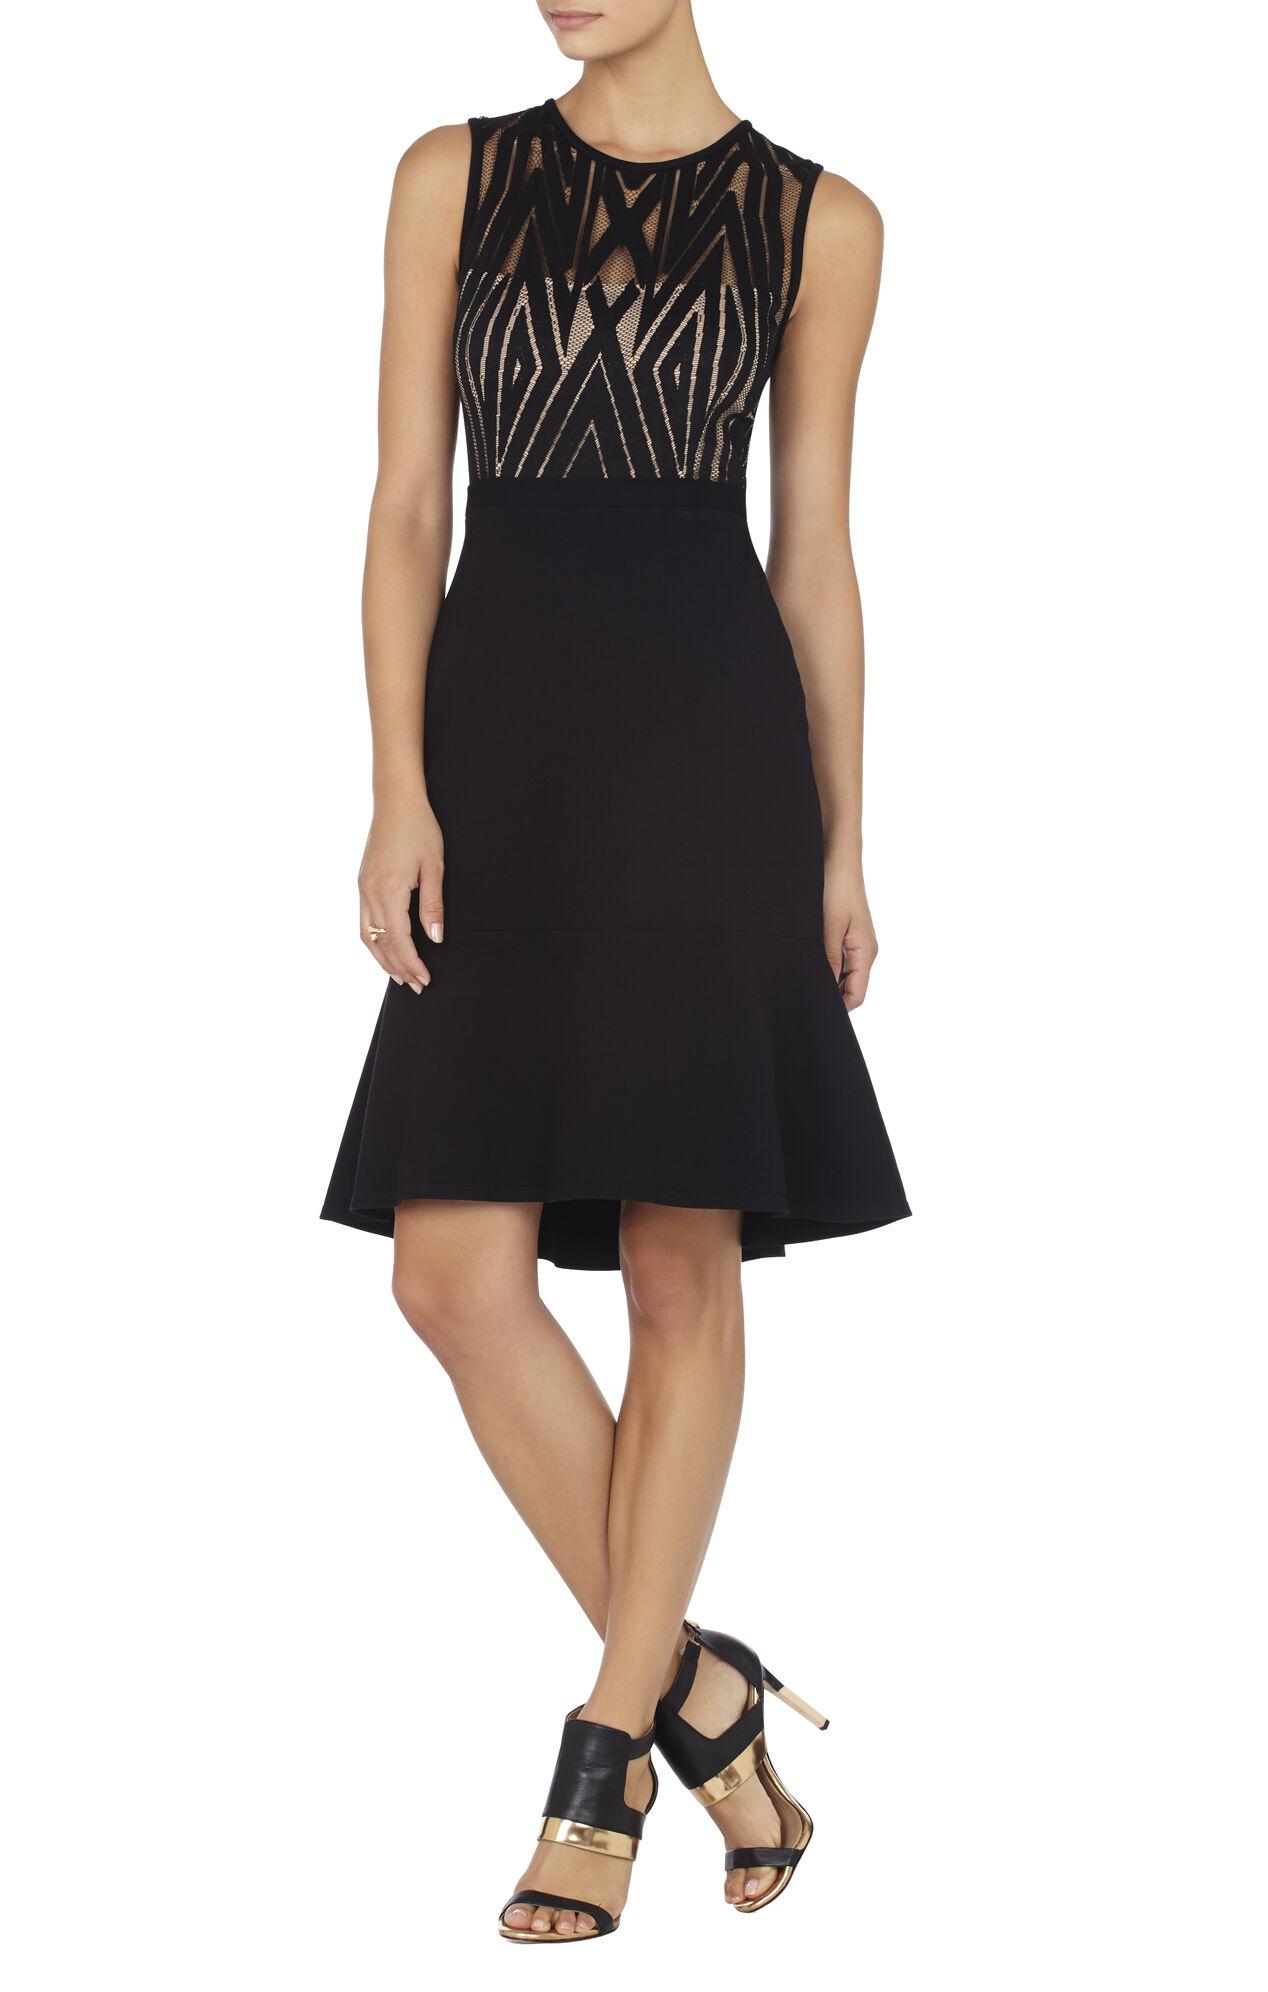 Jetts High-Heel Cutout Dress Sandal